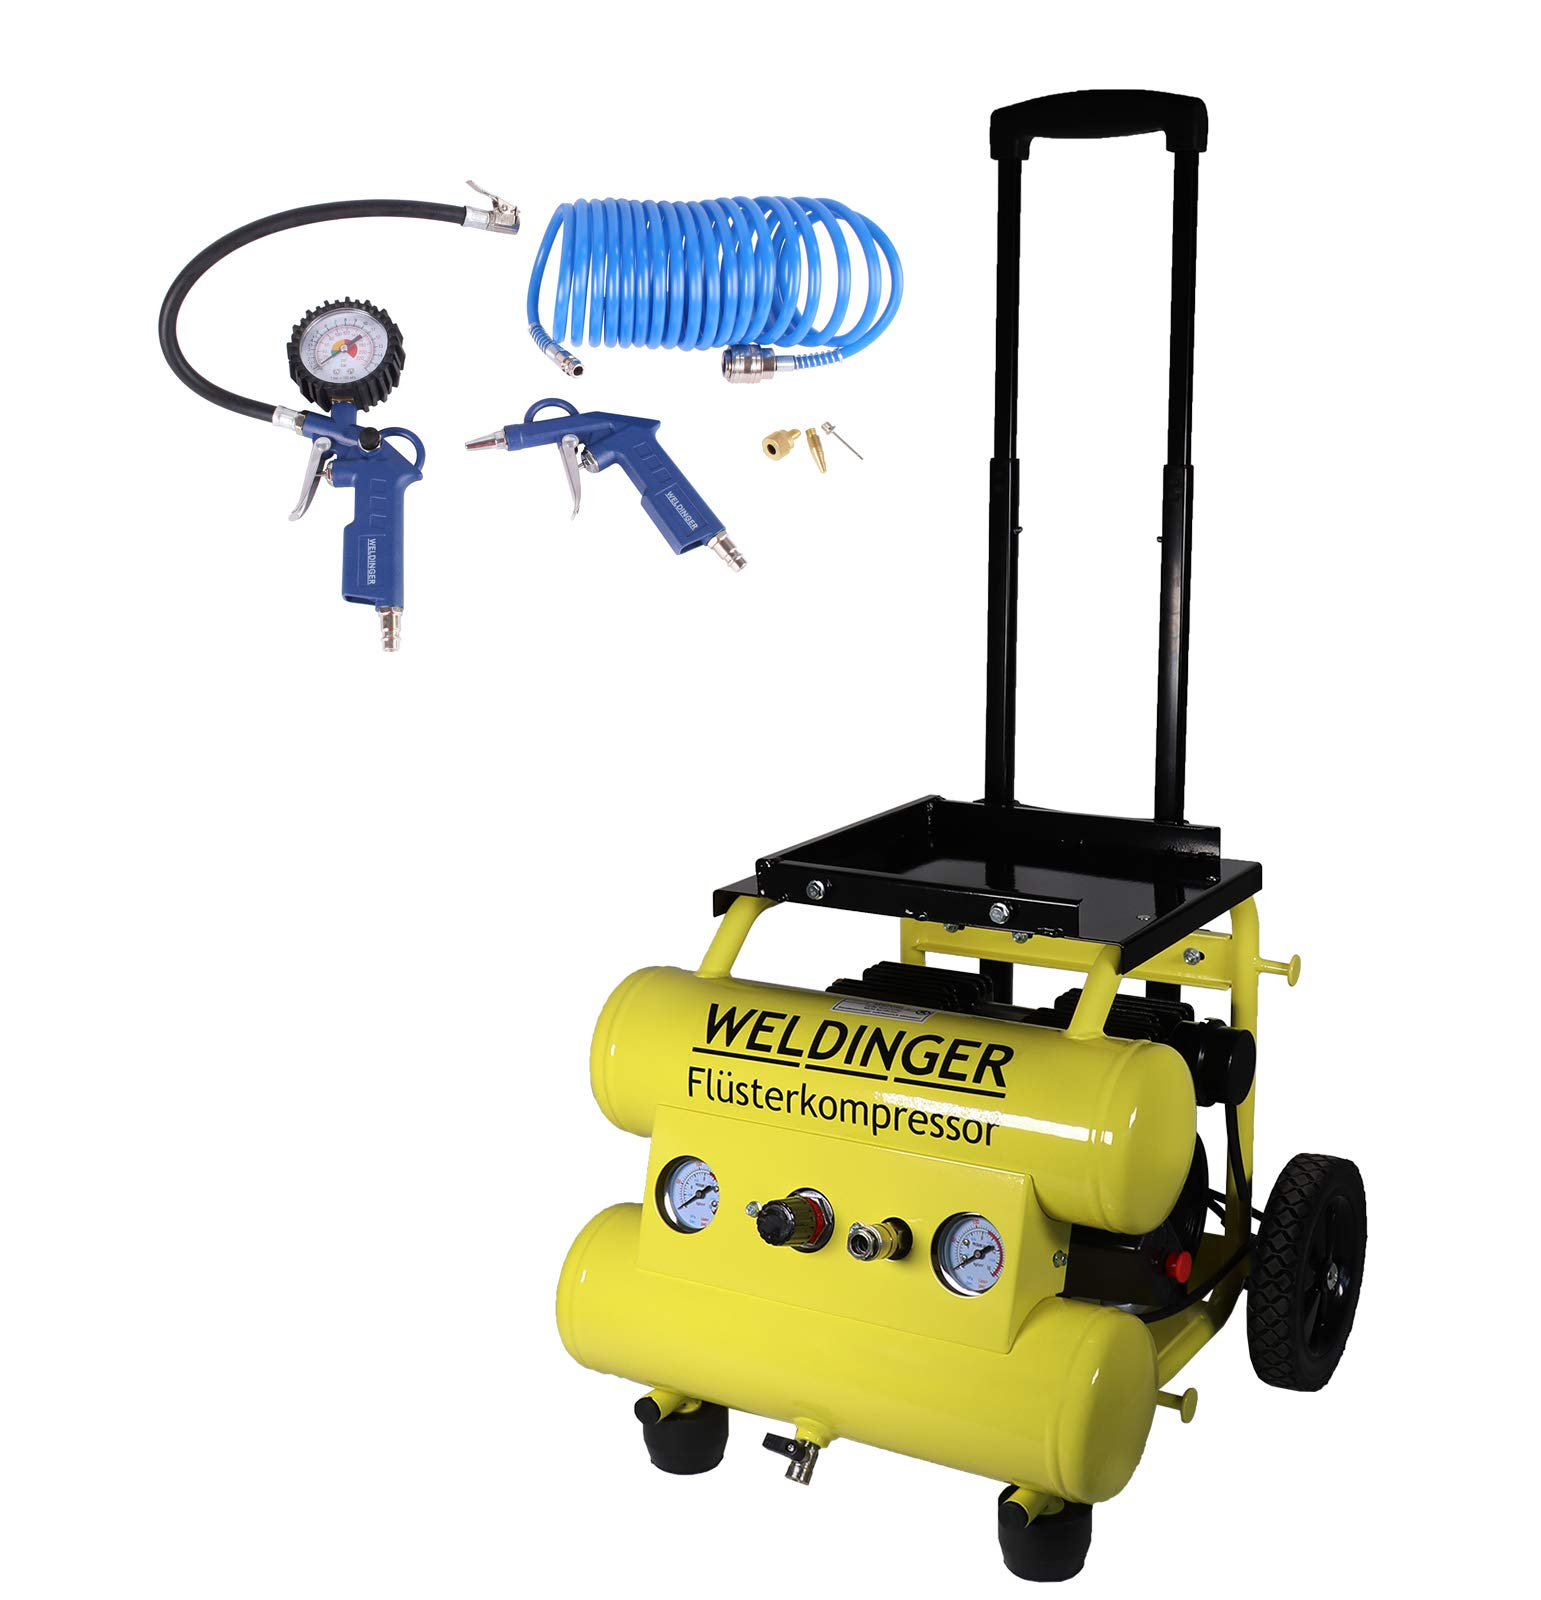 Weldinger Schweißen Für Alle Kompressoren Pro Up Mobile